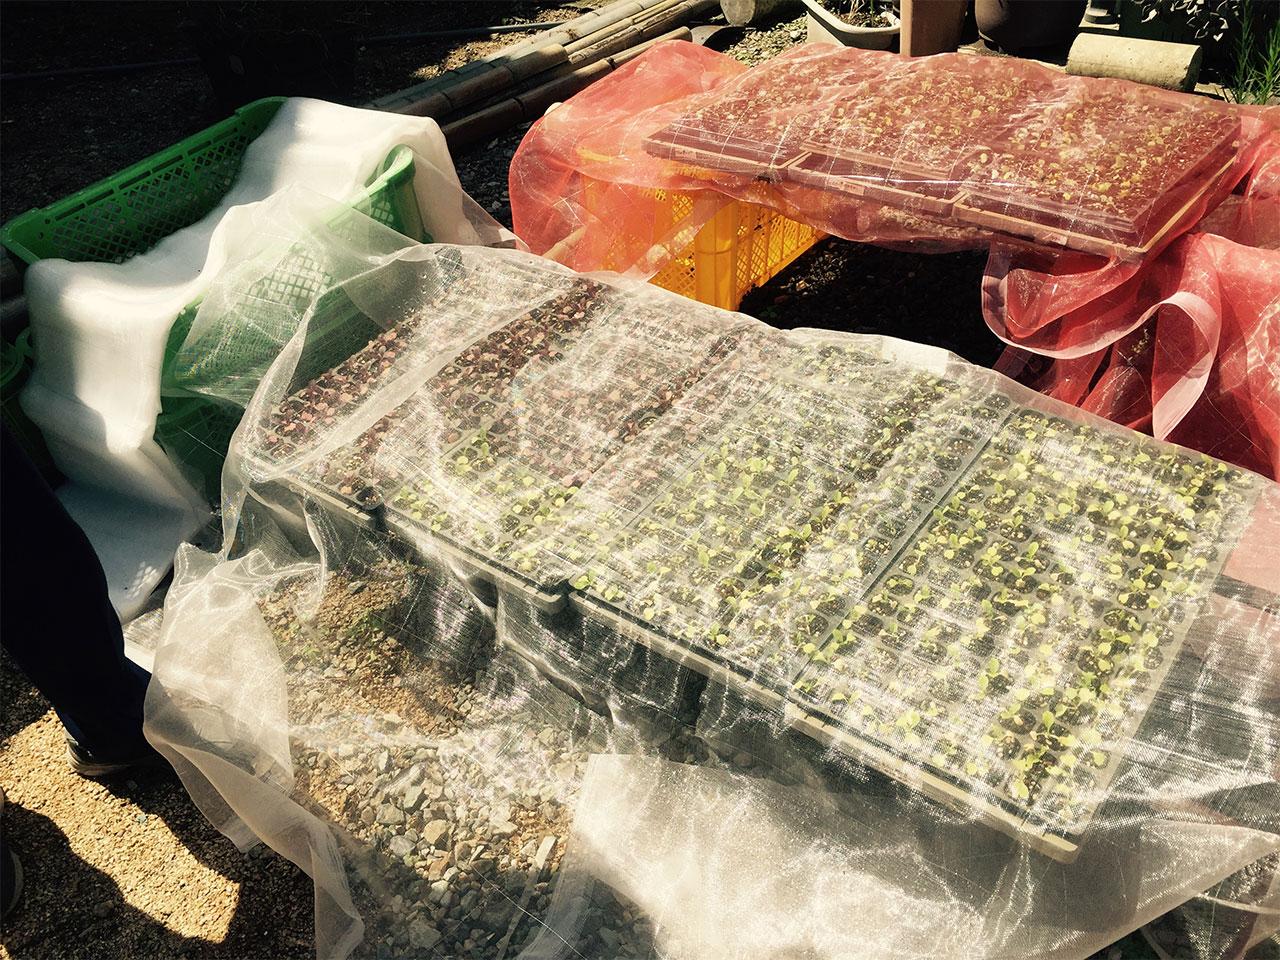 冬に食べれる紫白菜の苗たち。 キトテノワのランチにも登場するかも♪